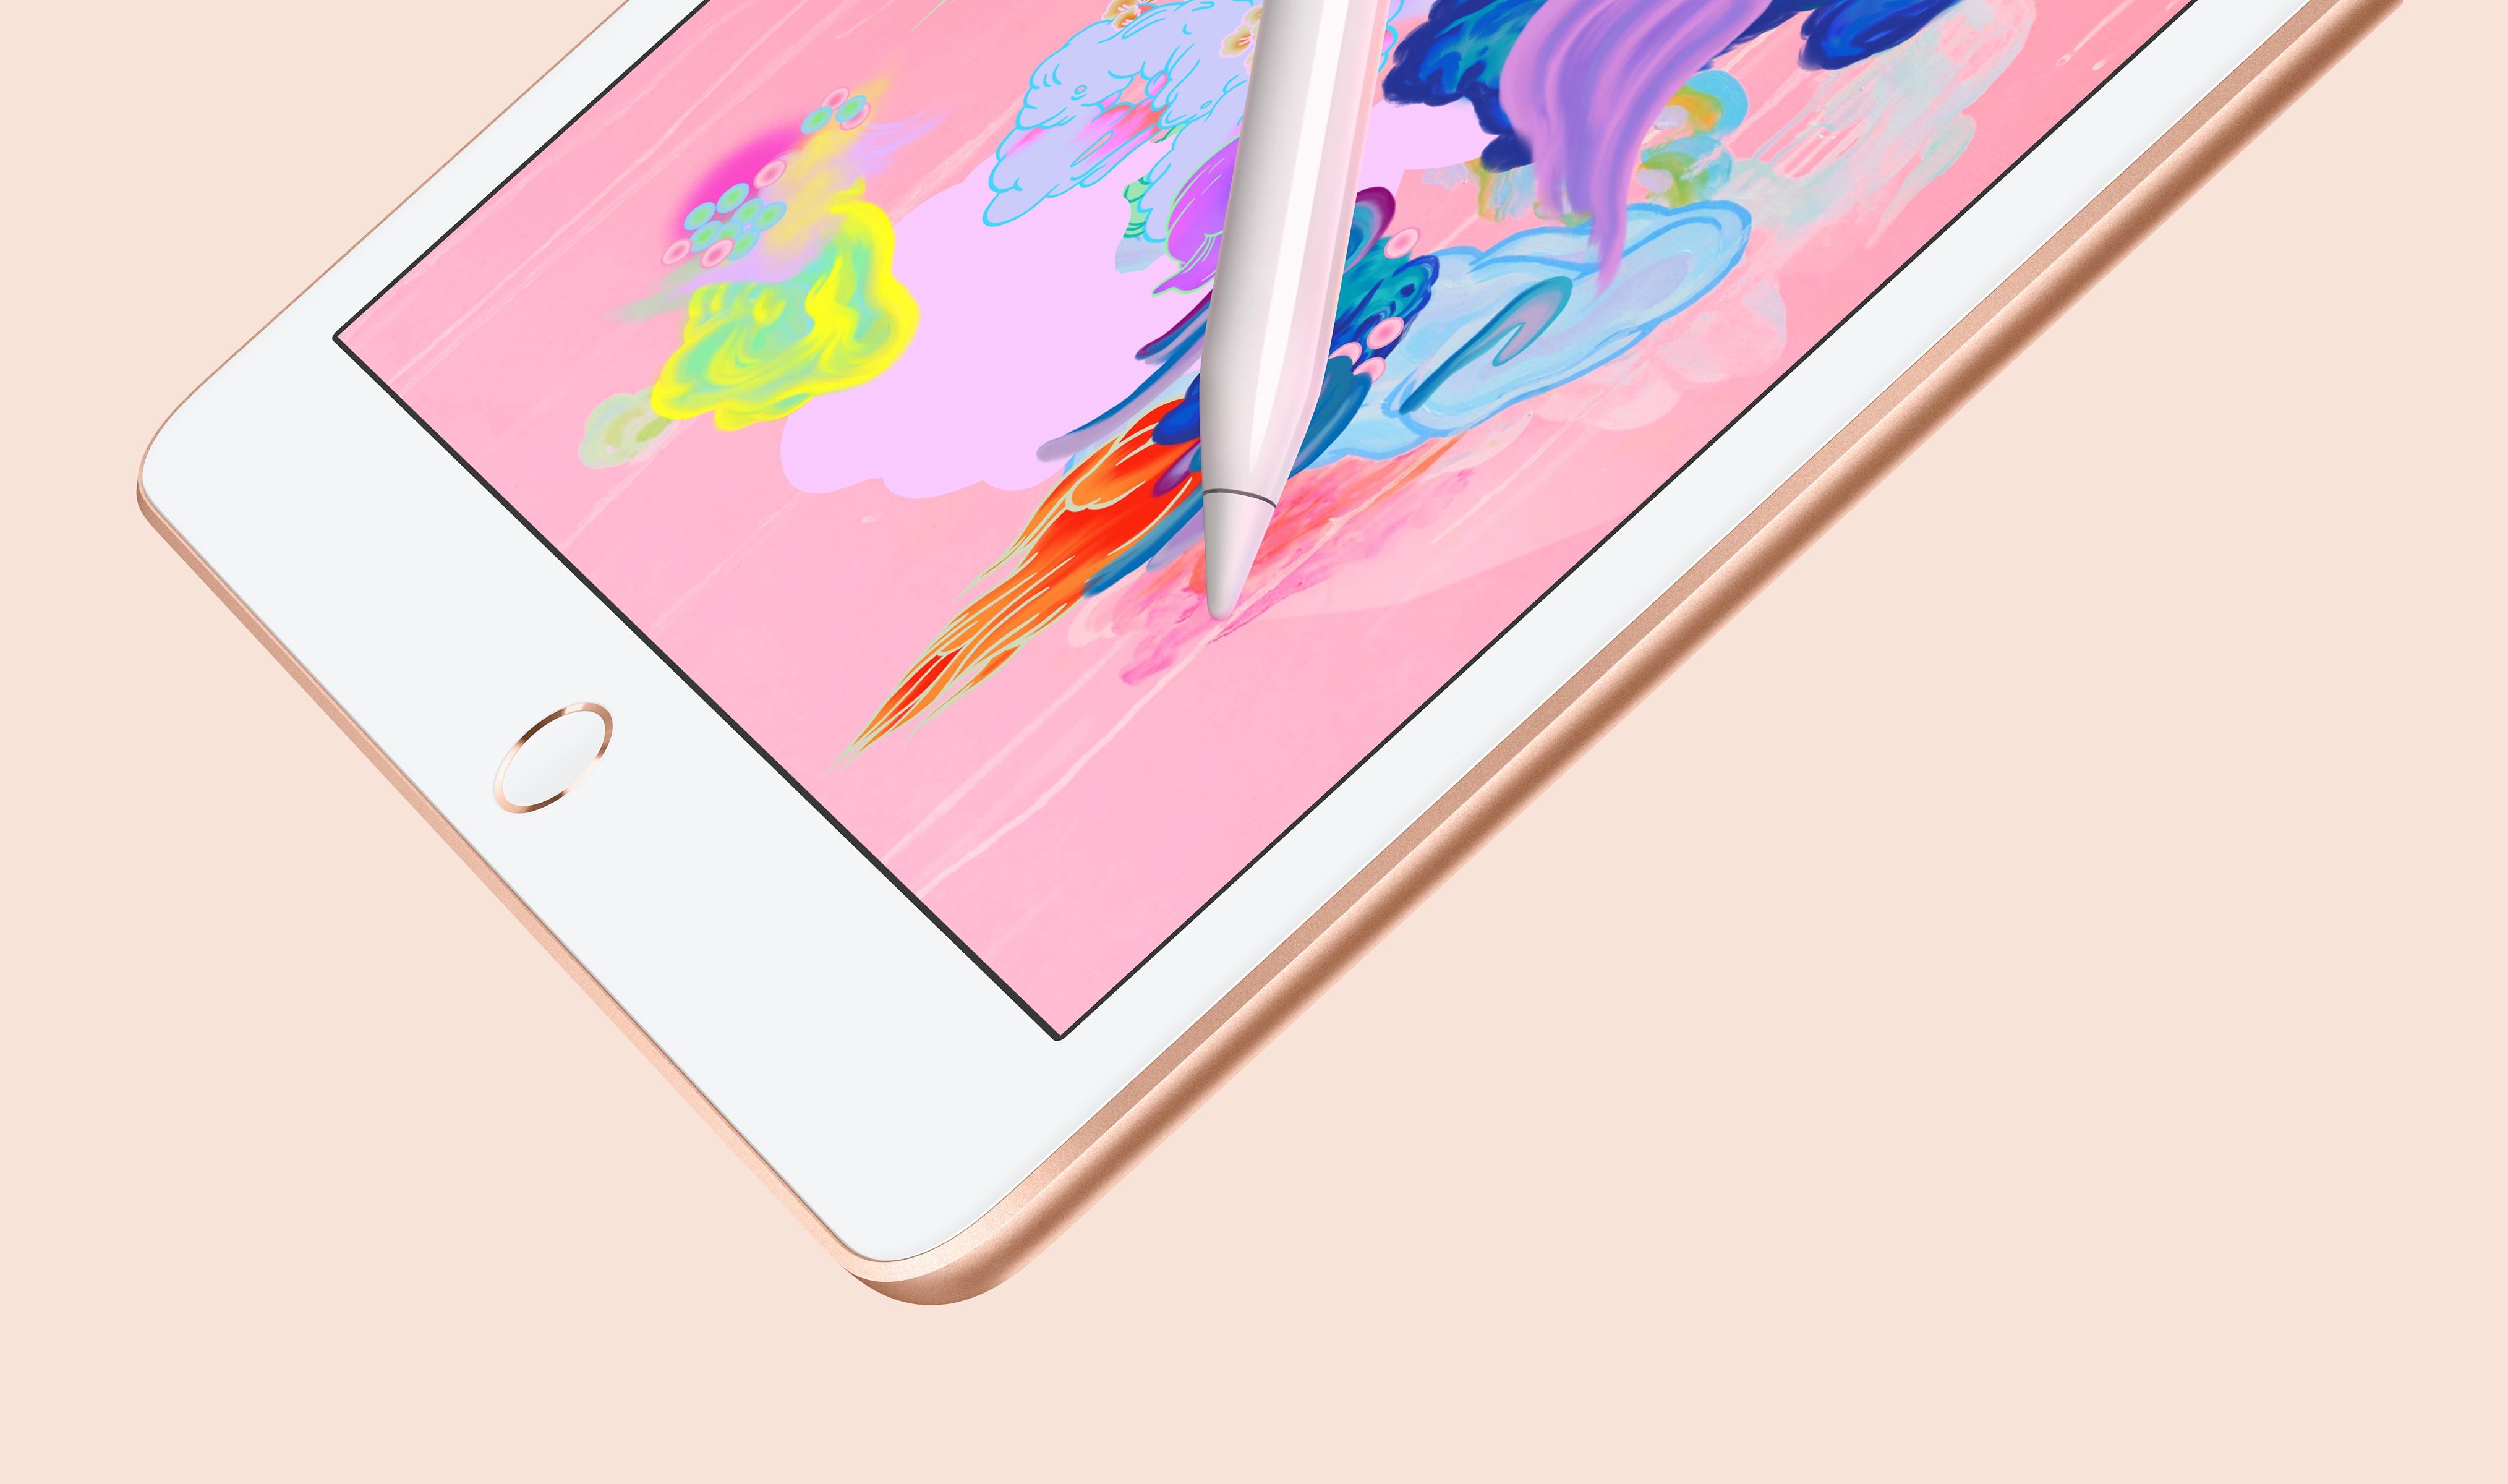 全新9.7英寸iPad正式发布  支持Apple Pencil